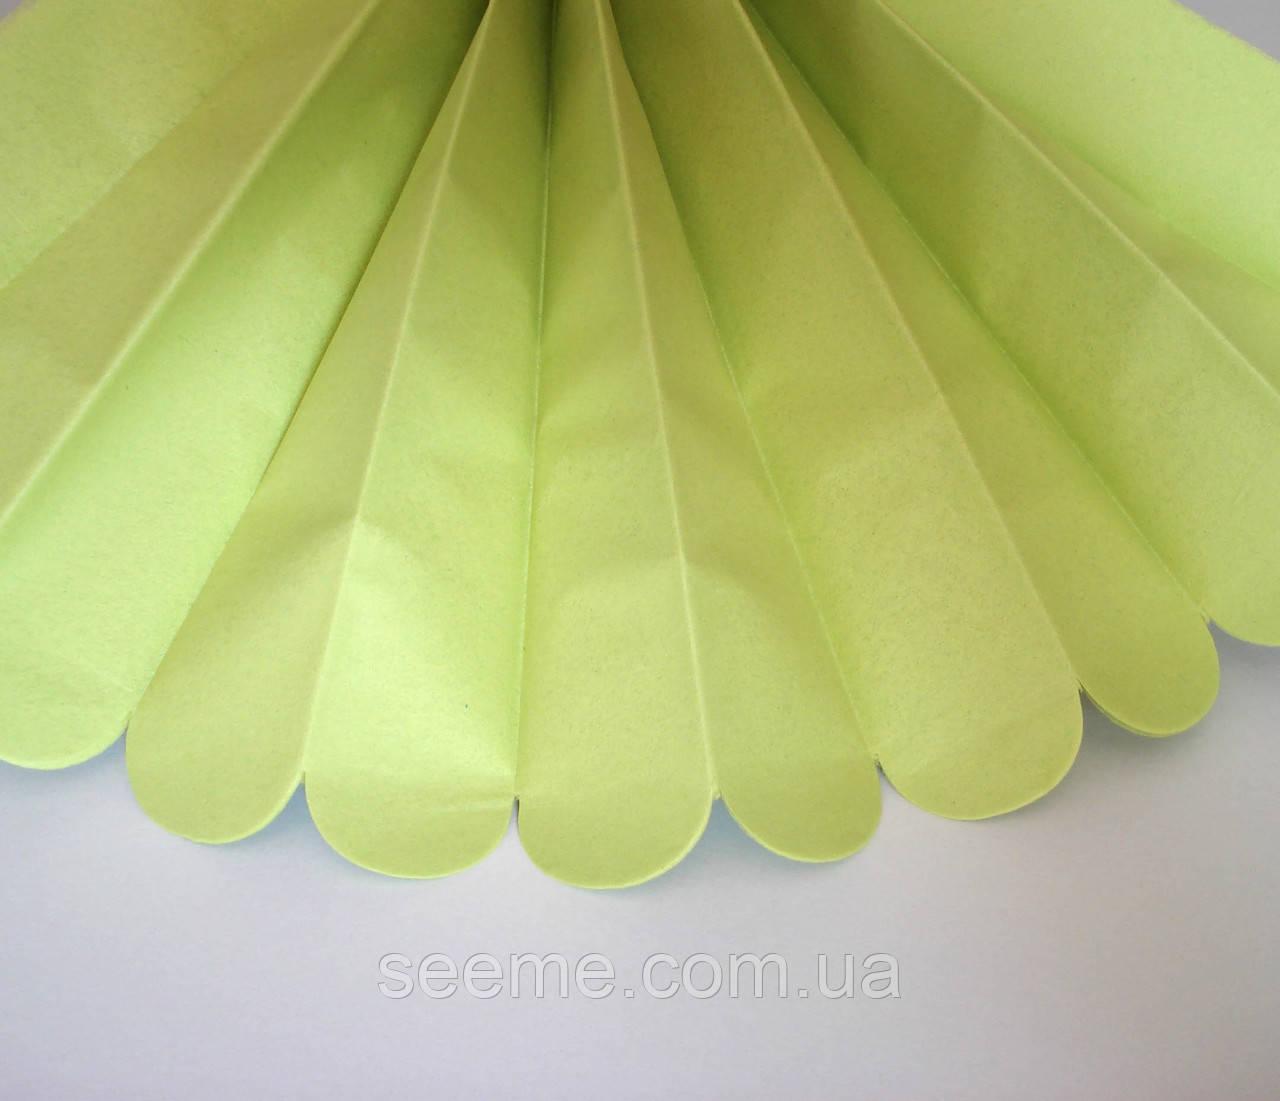 Бумажные помпоны из тишью «Pistachio», диаметр 25 см.